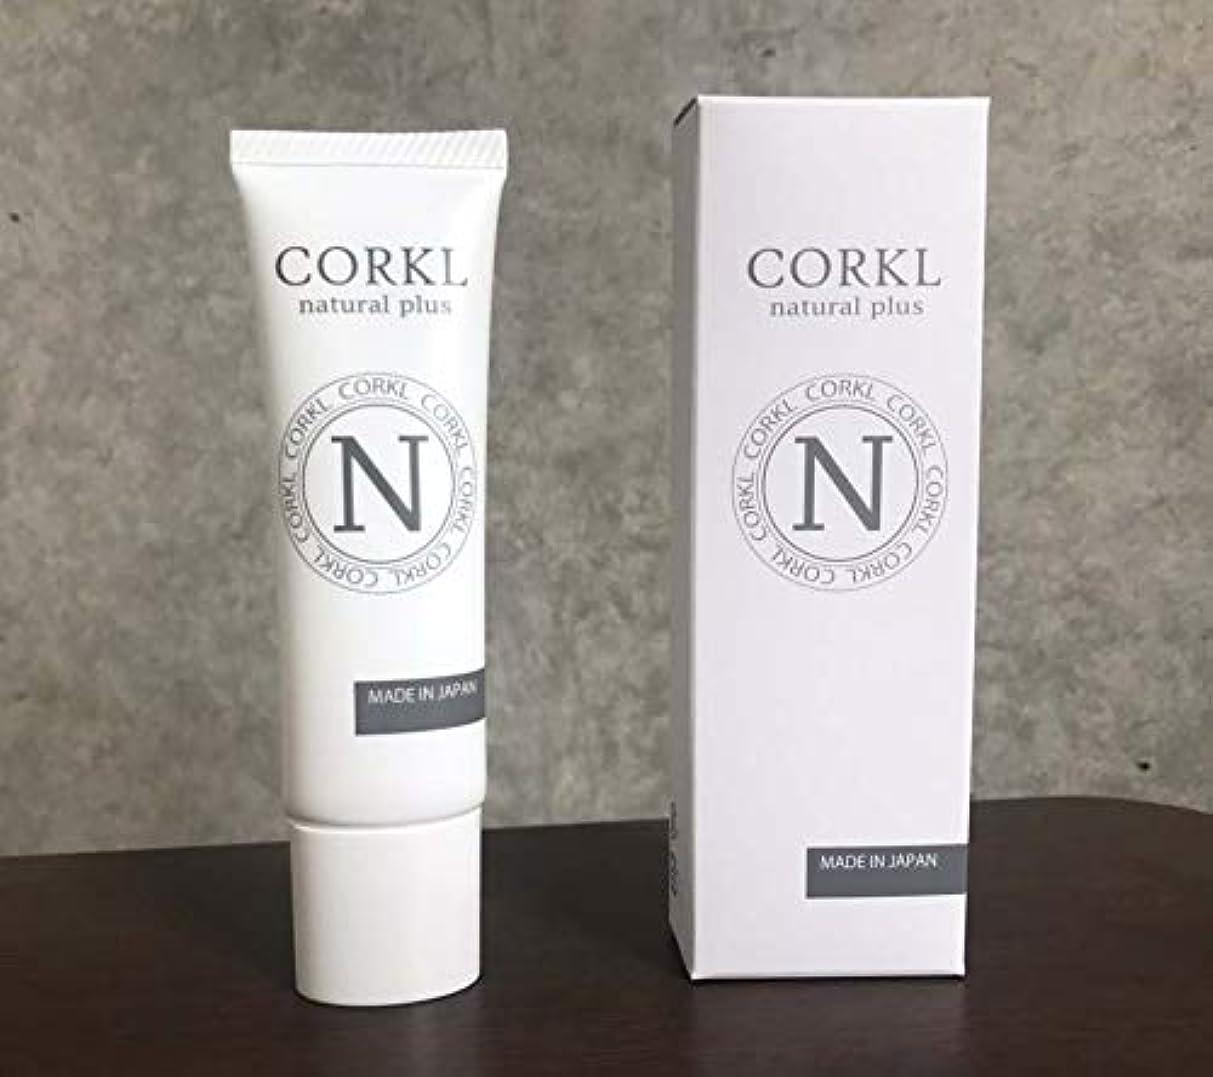 登る肥料遺伝的コルクルナチュルクリーム(CORKL)手汗?顔汗に悩む方向けに開発された国産化粧品